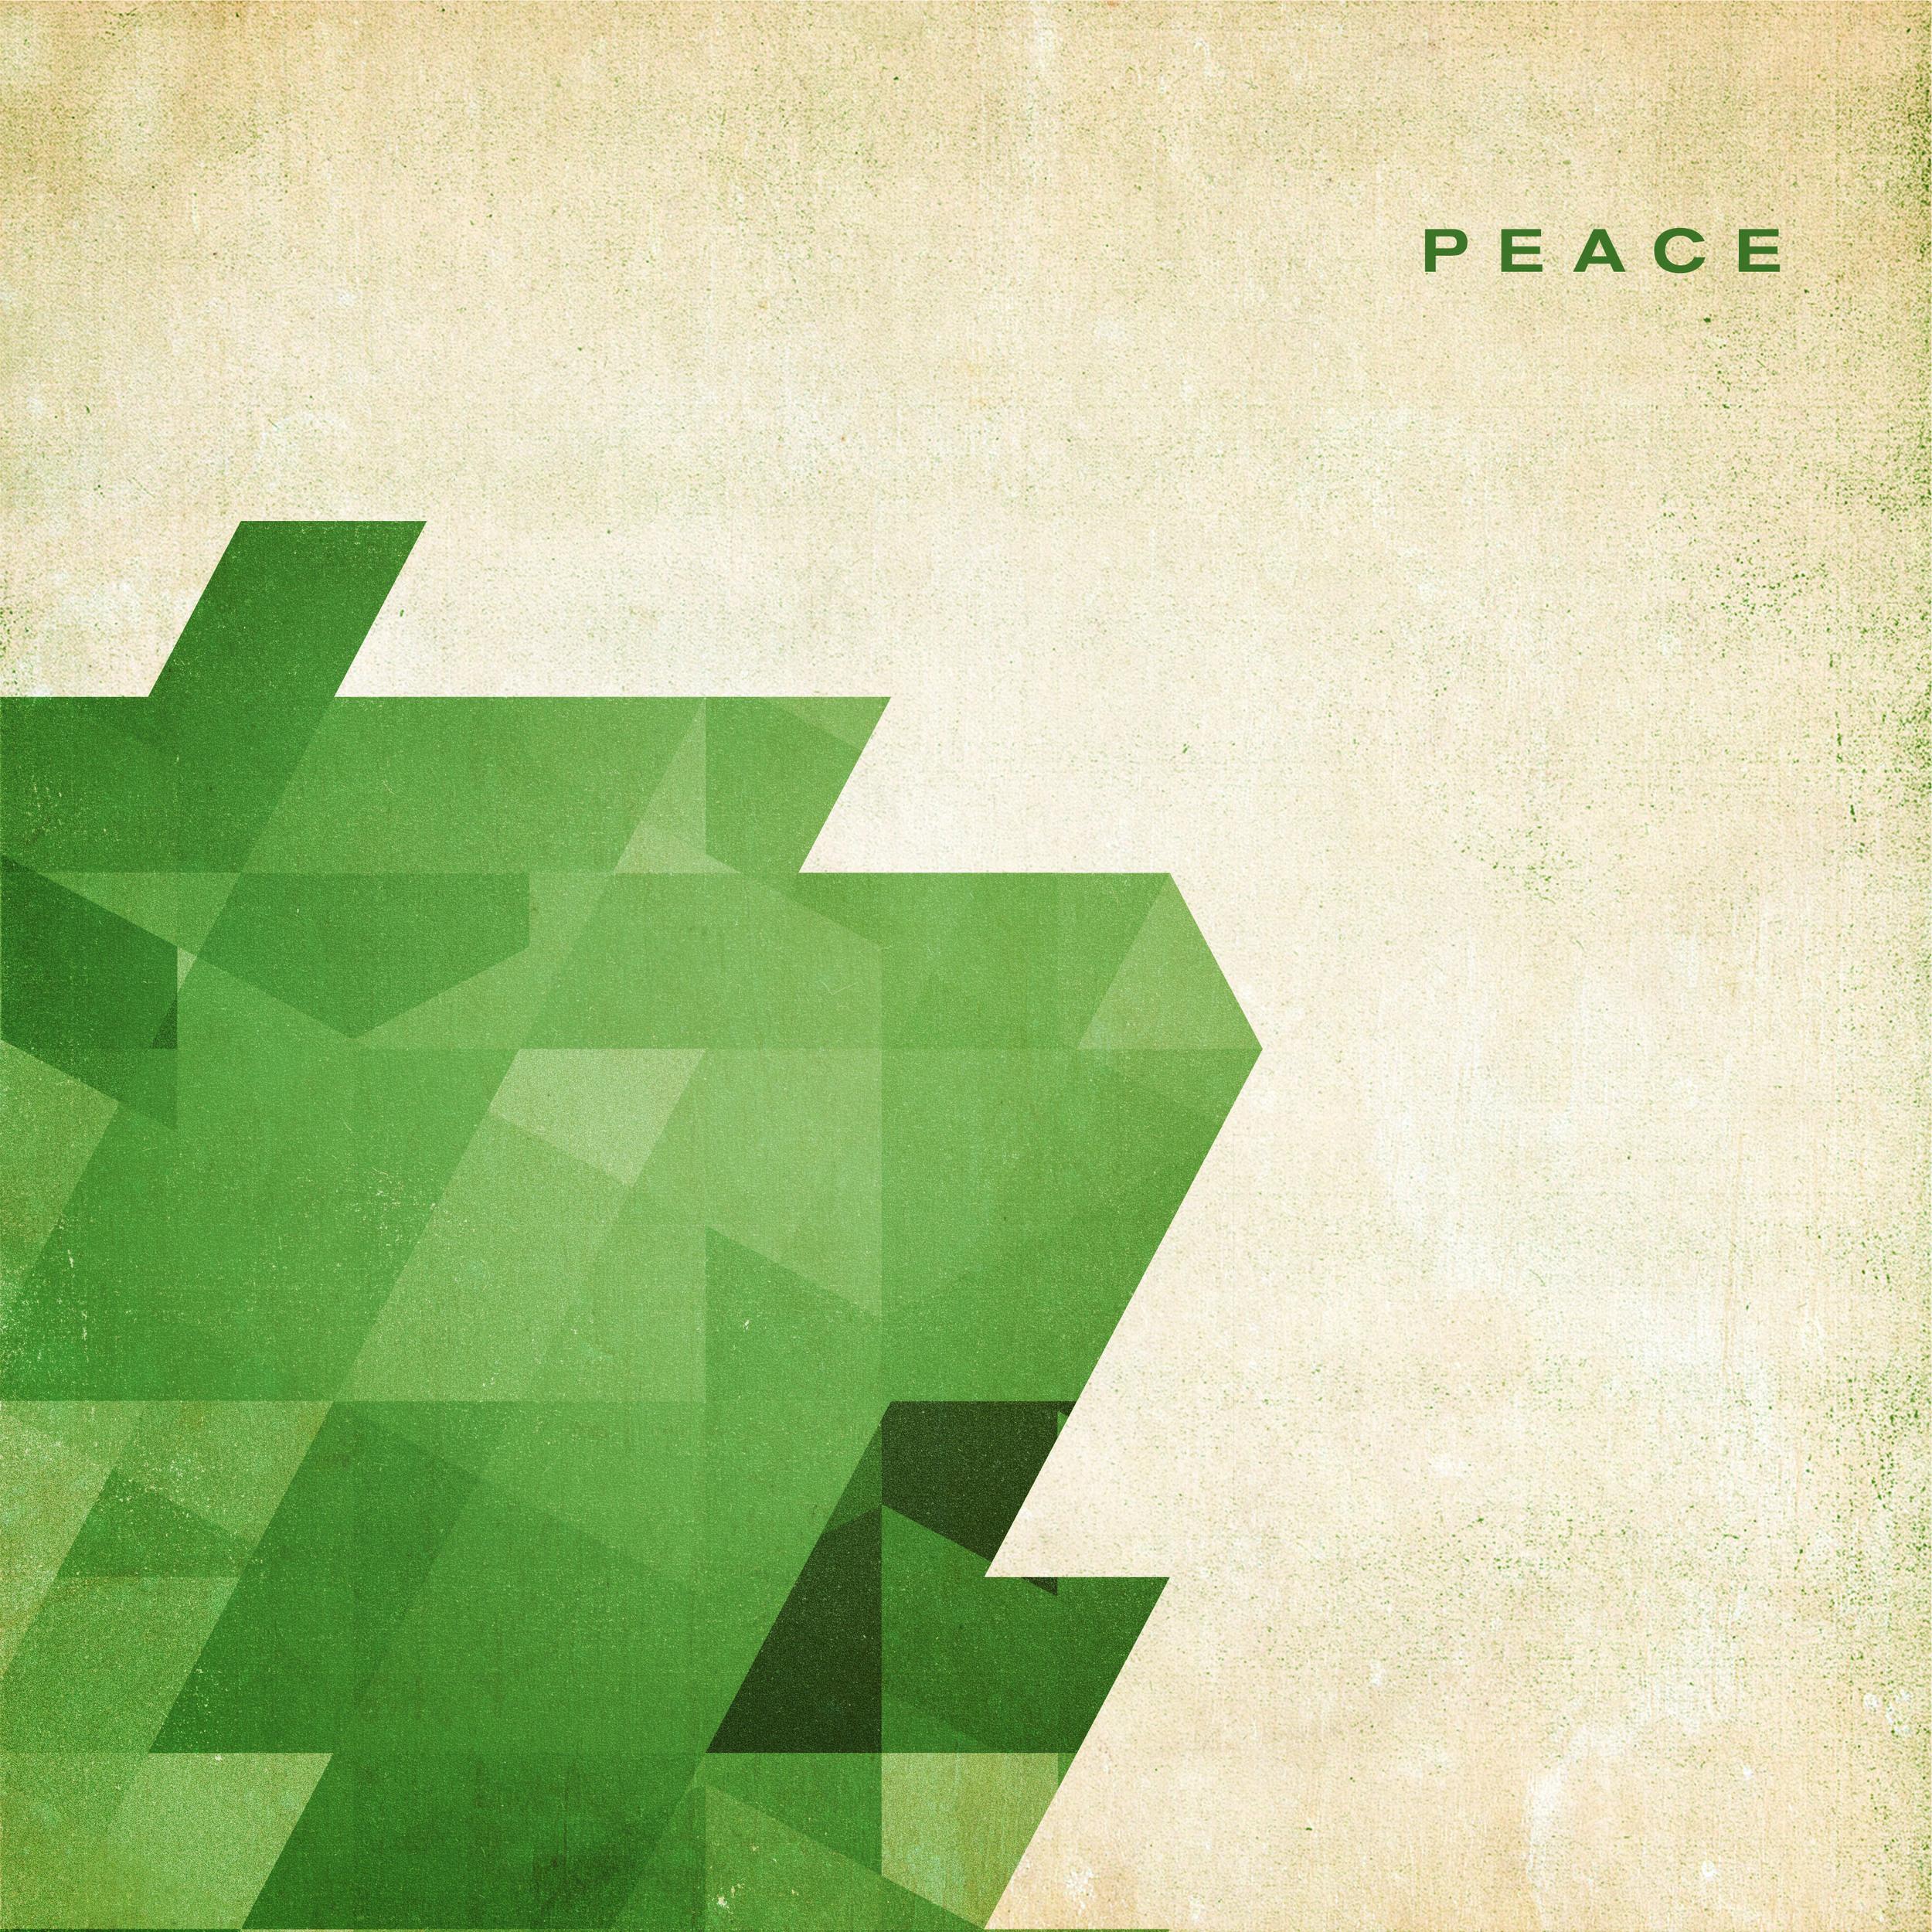 Fruit-of-the-Spirit__0002_3-Peace.jpg